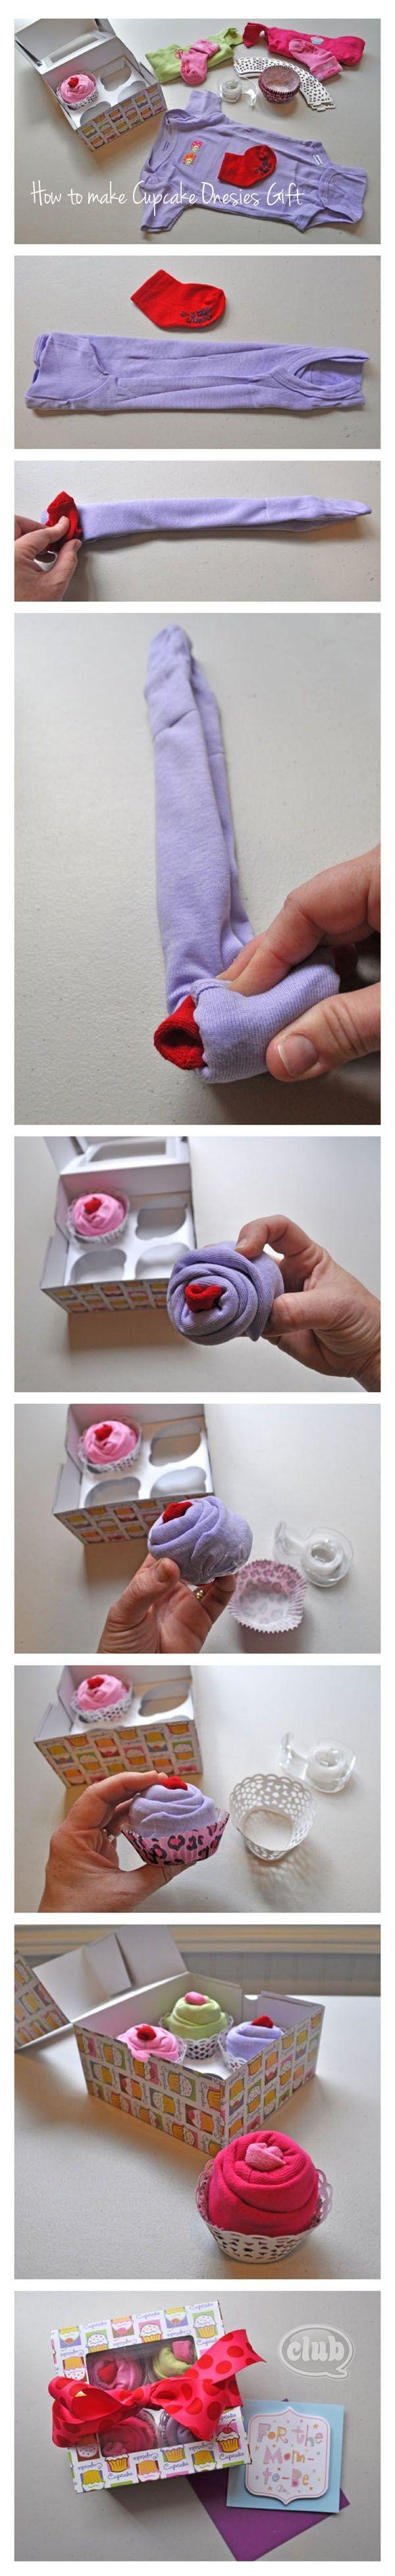 Süße Idee für ein babygeschenk